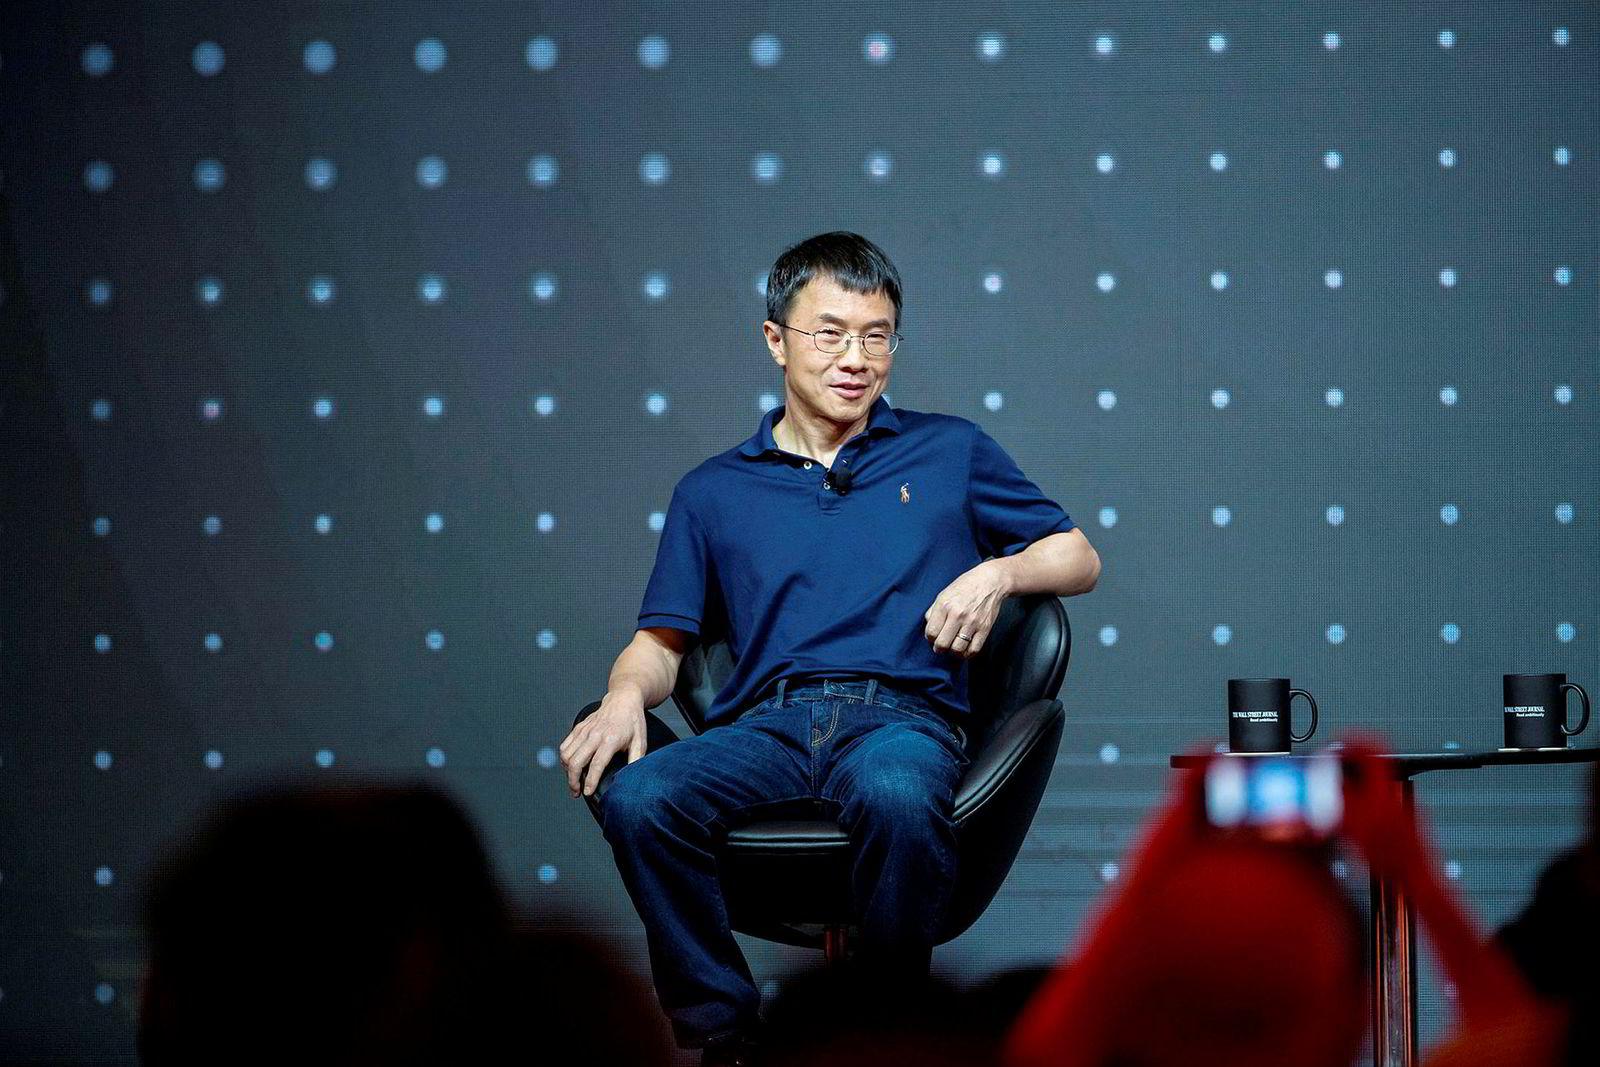 Søkeselskapet Baidu, som er lite kjent utenfor Kina, klarte å overbevise Qi Lu til å forlate en toppjobb hos Microsoft for å lede Baidus satsing på AI.